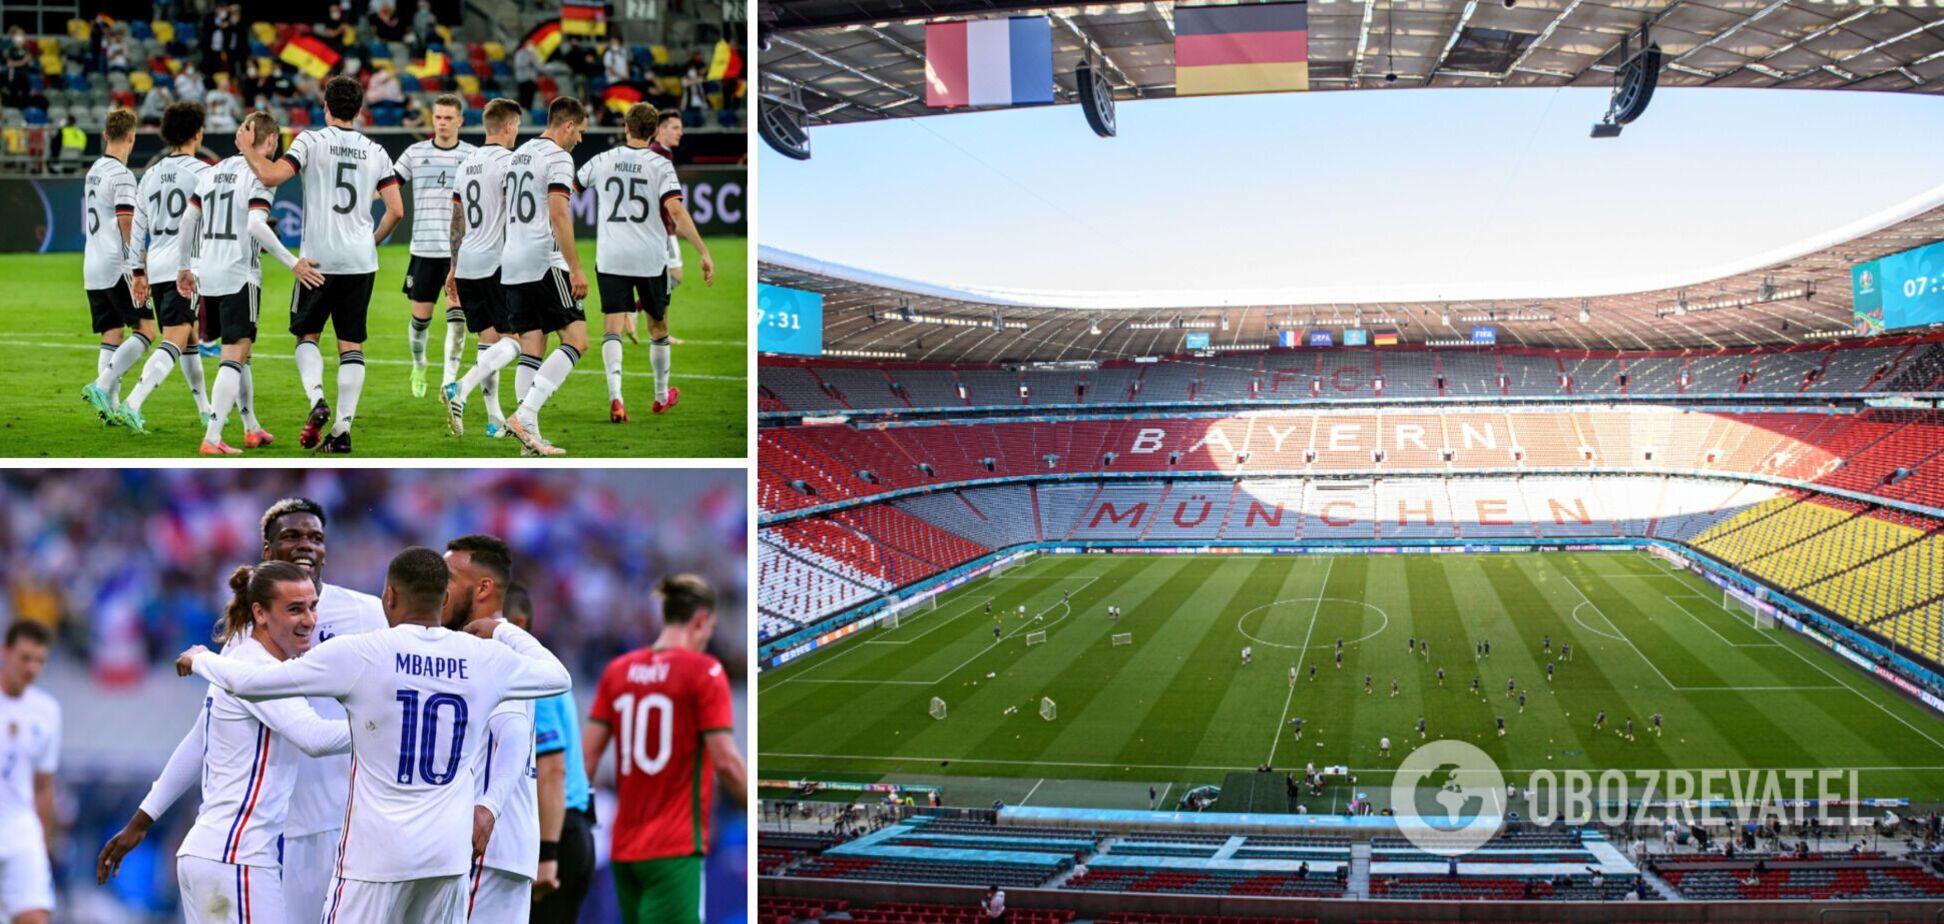 Німеччина і Франція зіграють у Мюнхені